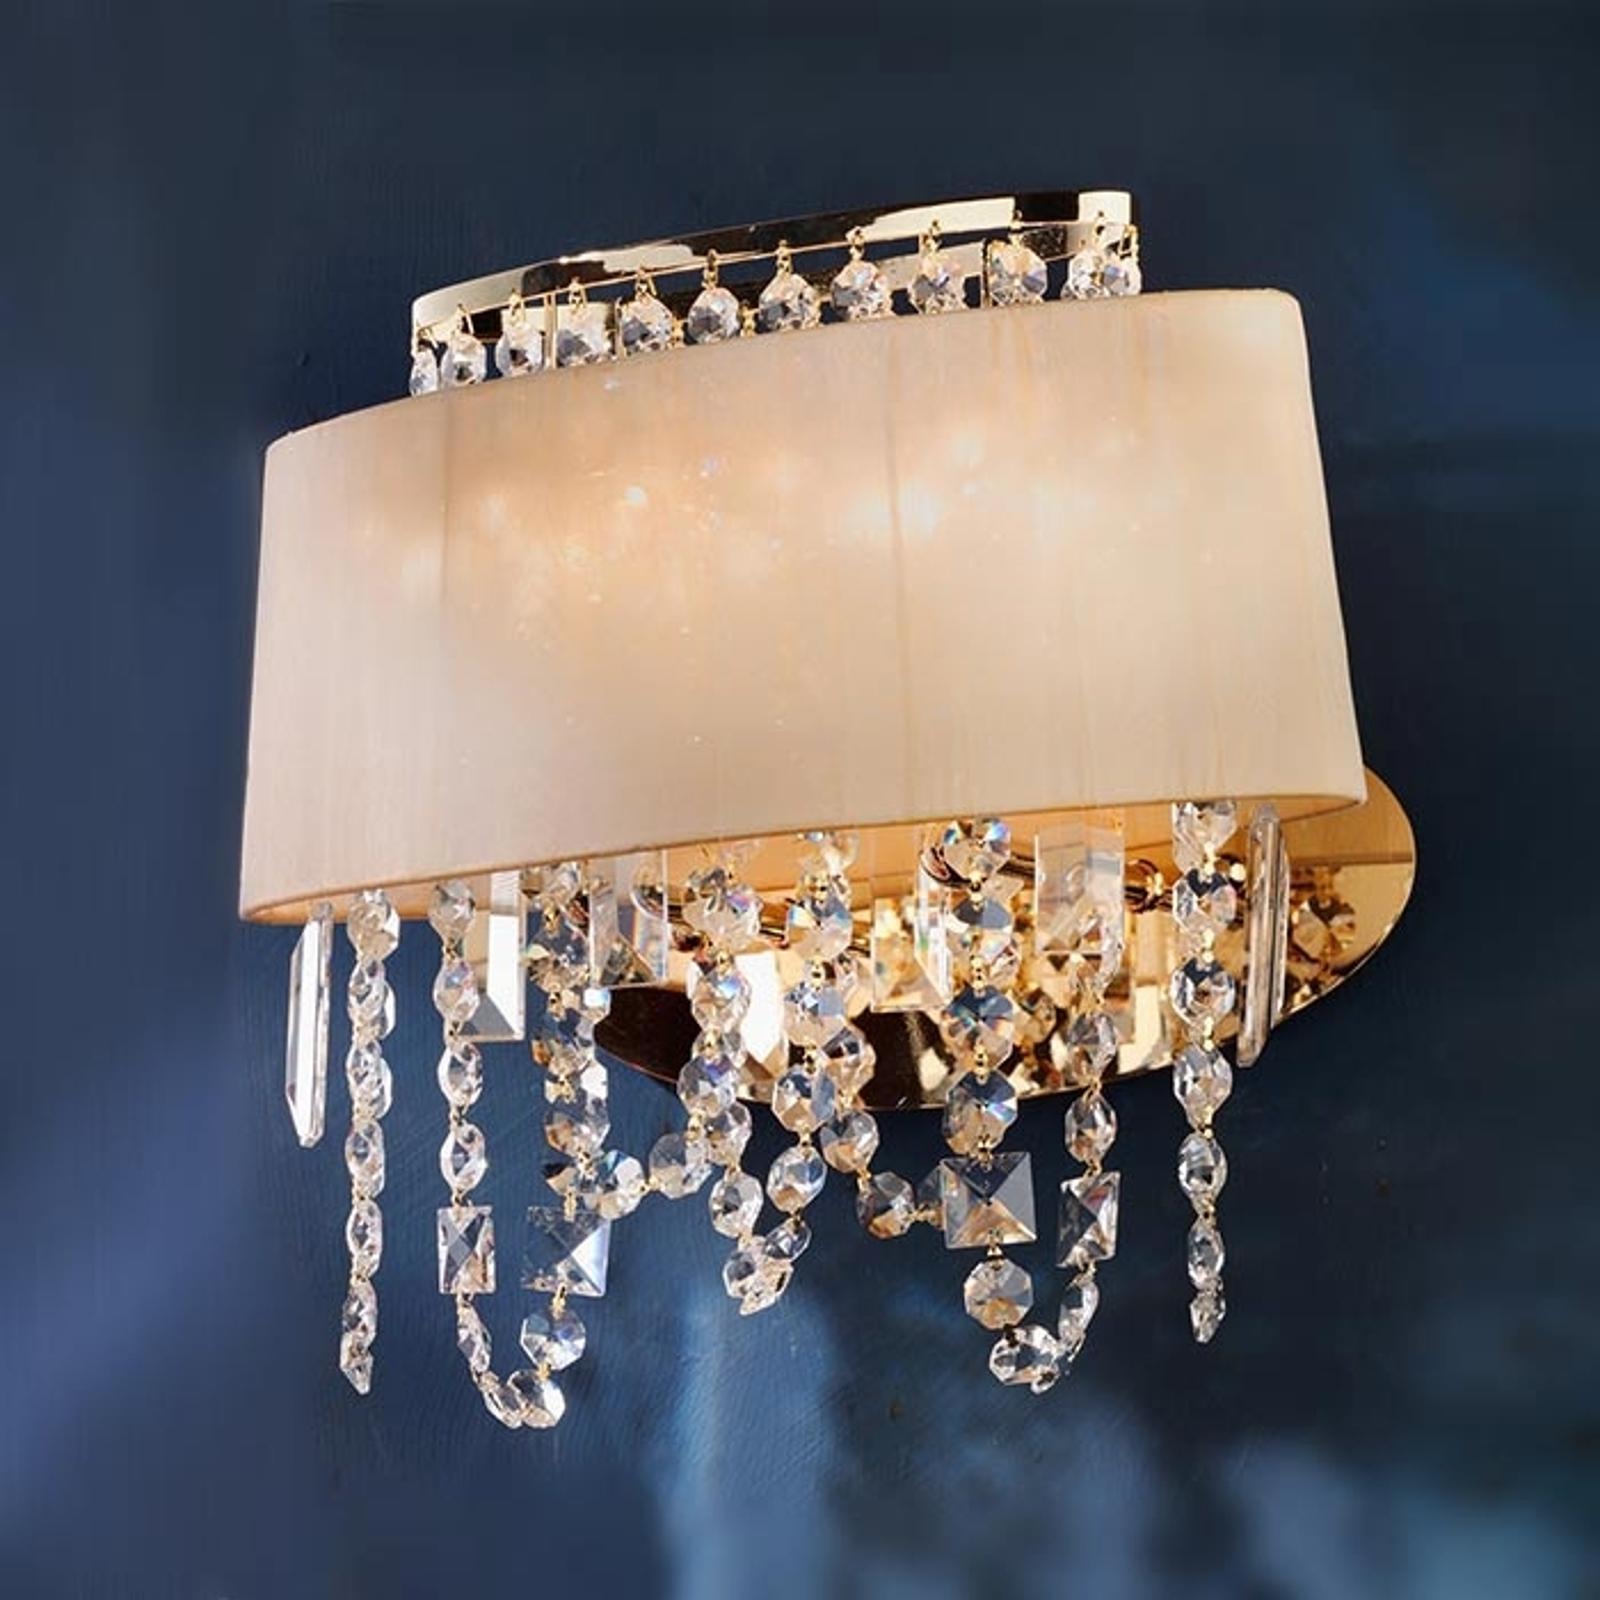 Eksklusiv væglampe Jevana, med krystaller